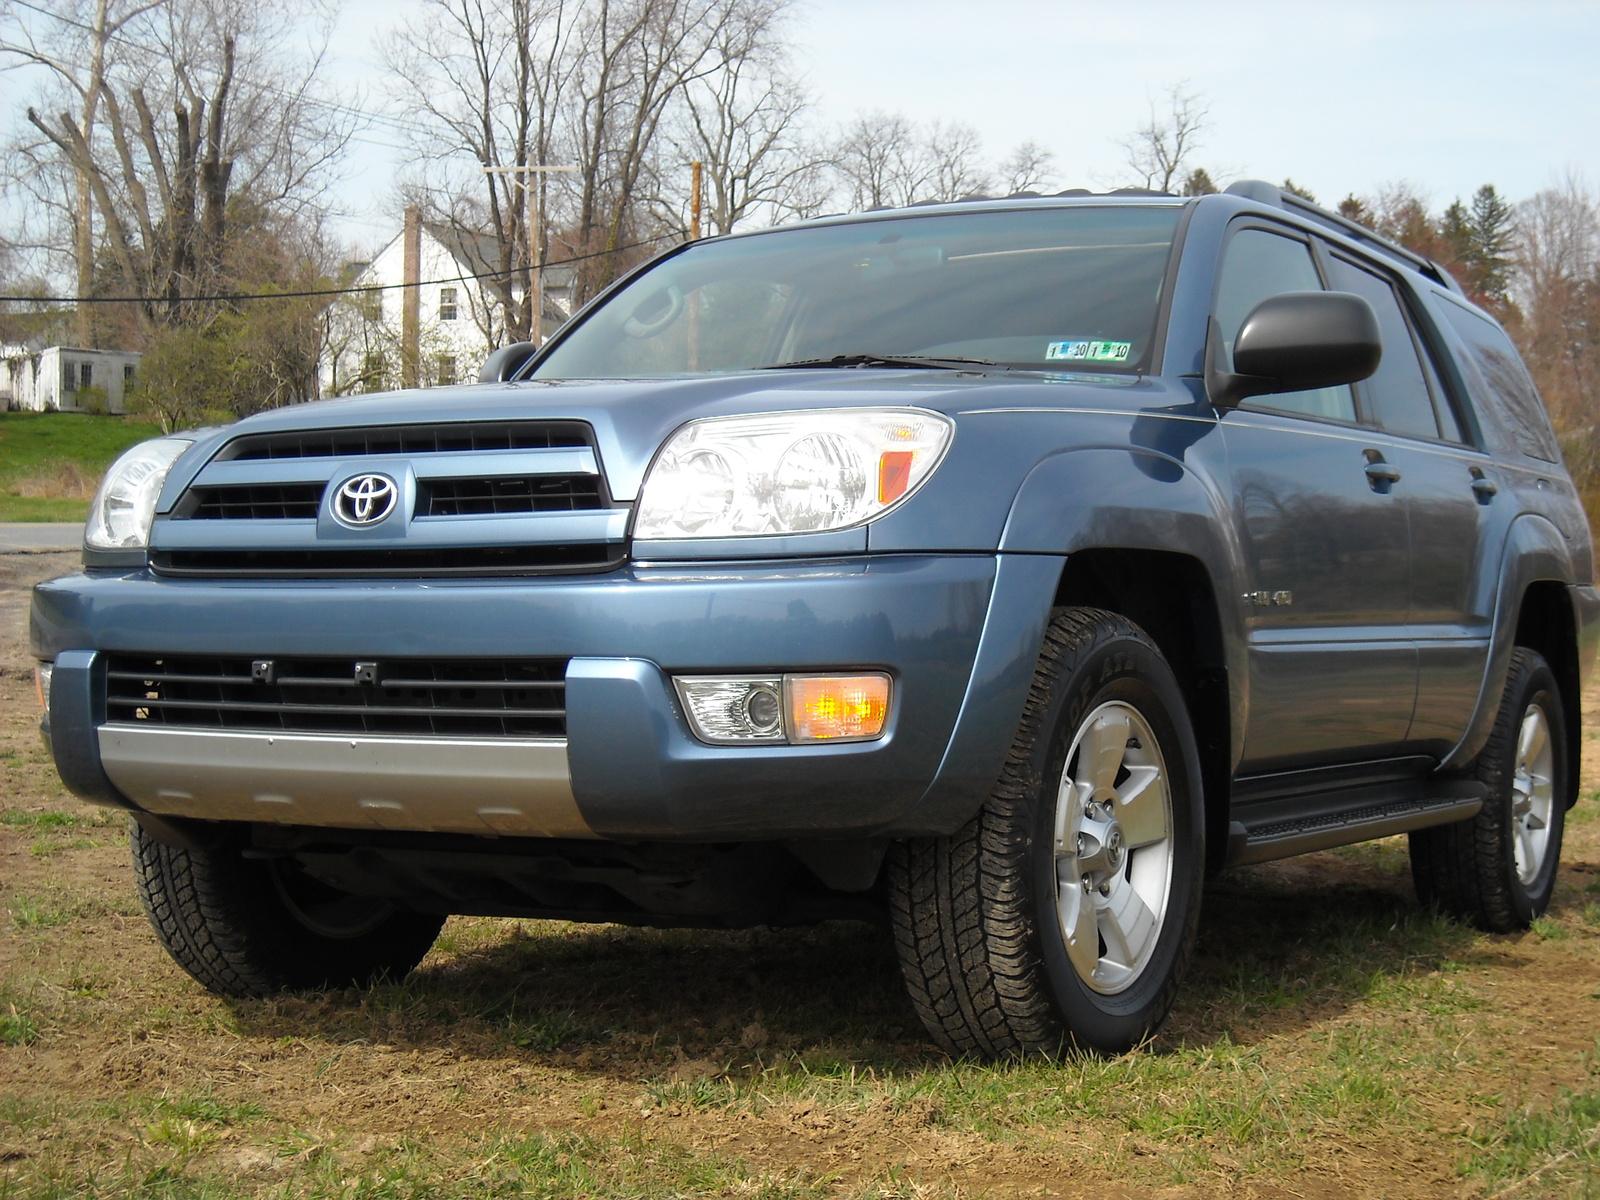 2004 Toyota 4runner Exterior Pictures Cargurus